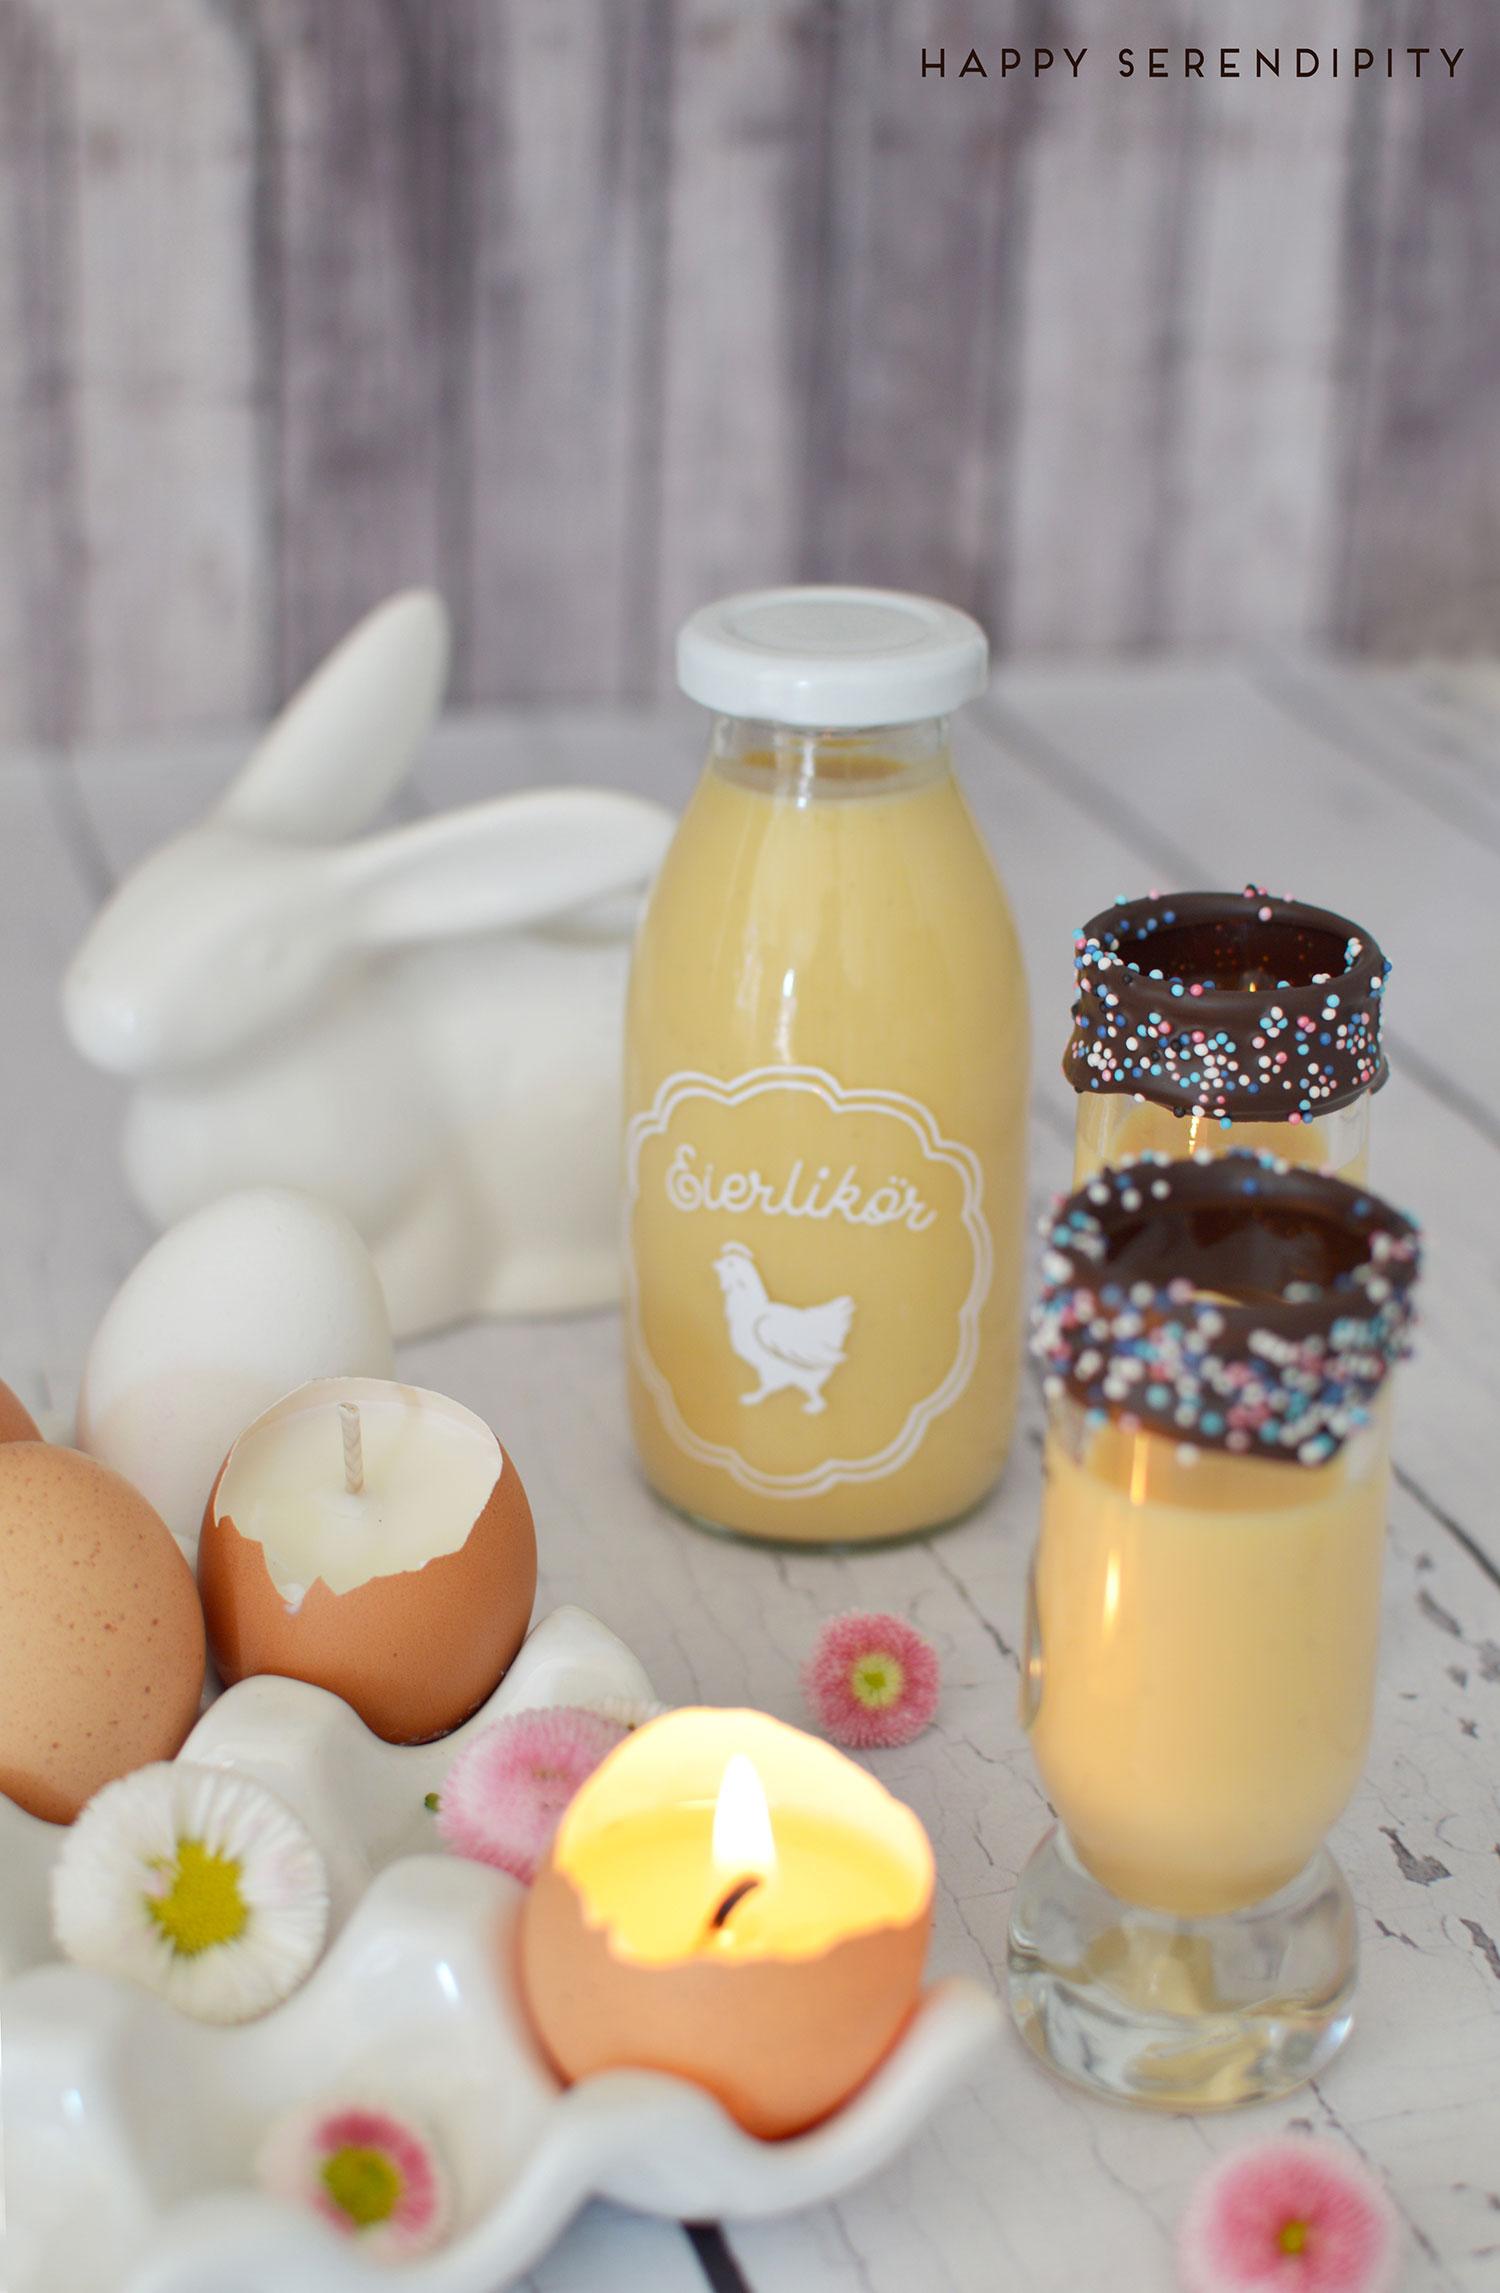 leckeres und dekoratives für den ostertisch, eierlikoer rezept, glaeser mit schokoladenrand, gesehen auf www.happyserendipity.com